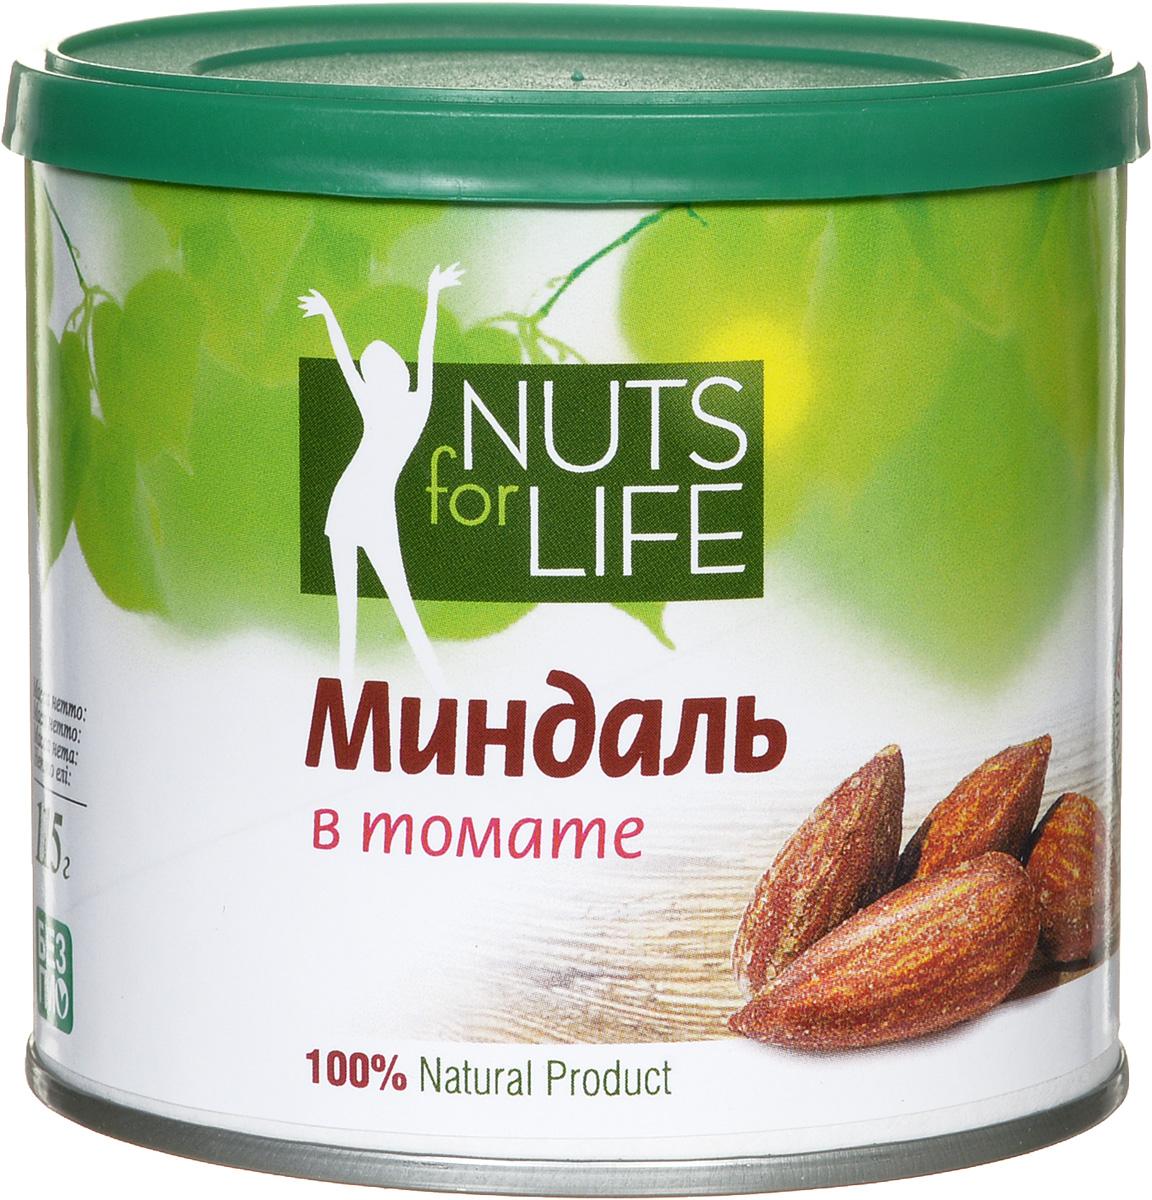 Фото Nuts for Life Миндаль обжаренный соленый в томате, 115 г. Купить  в РФ